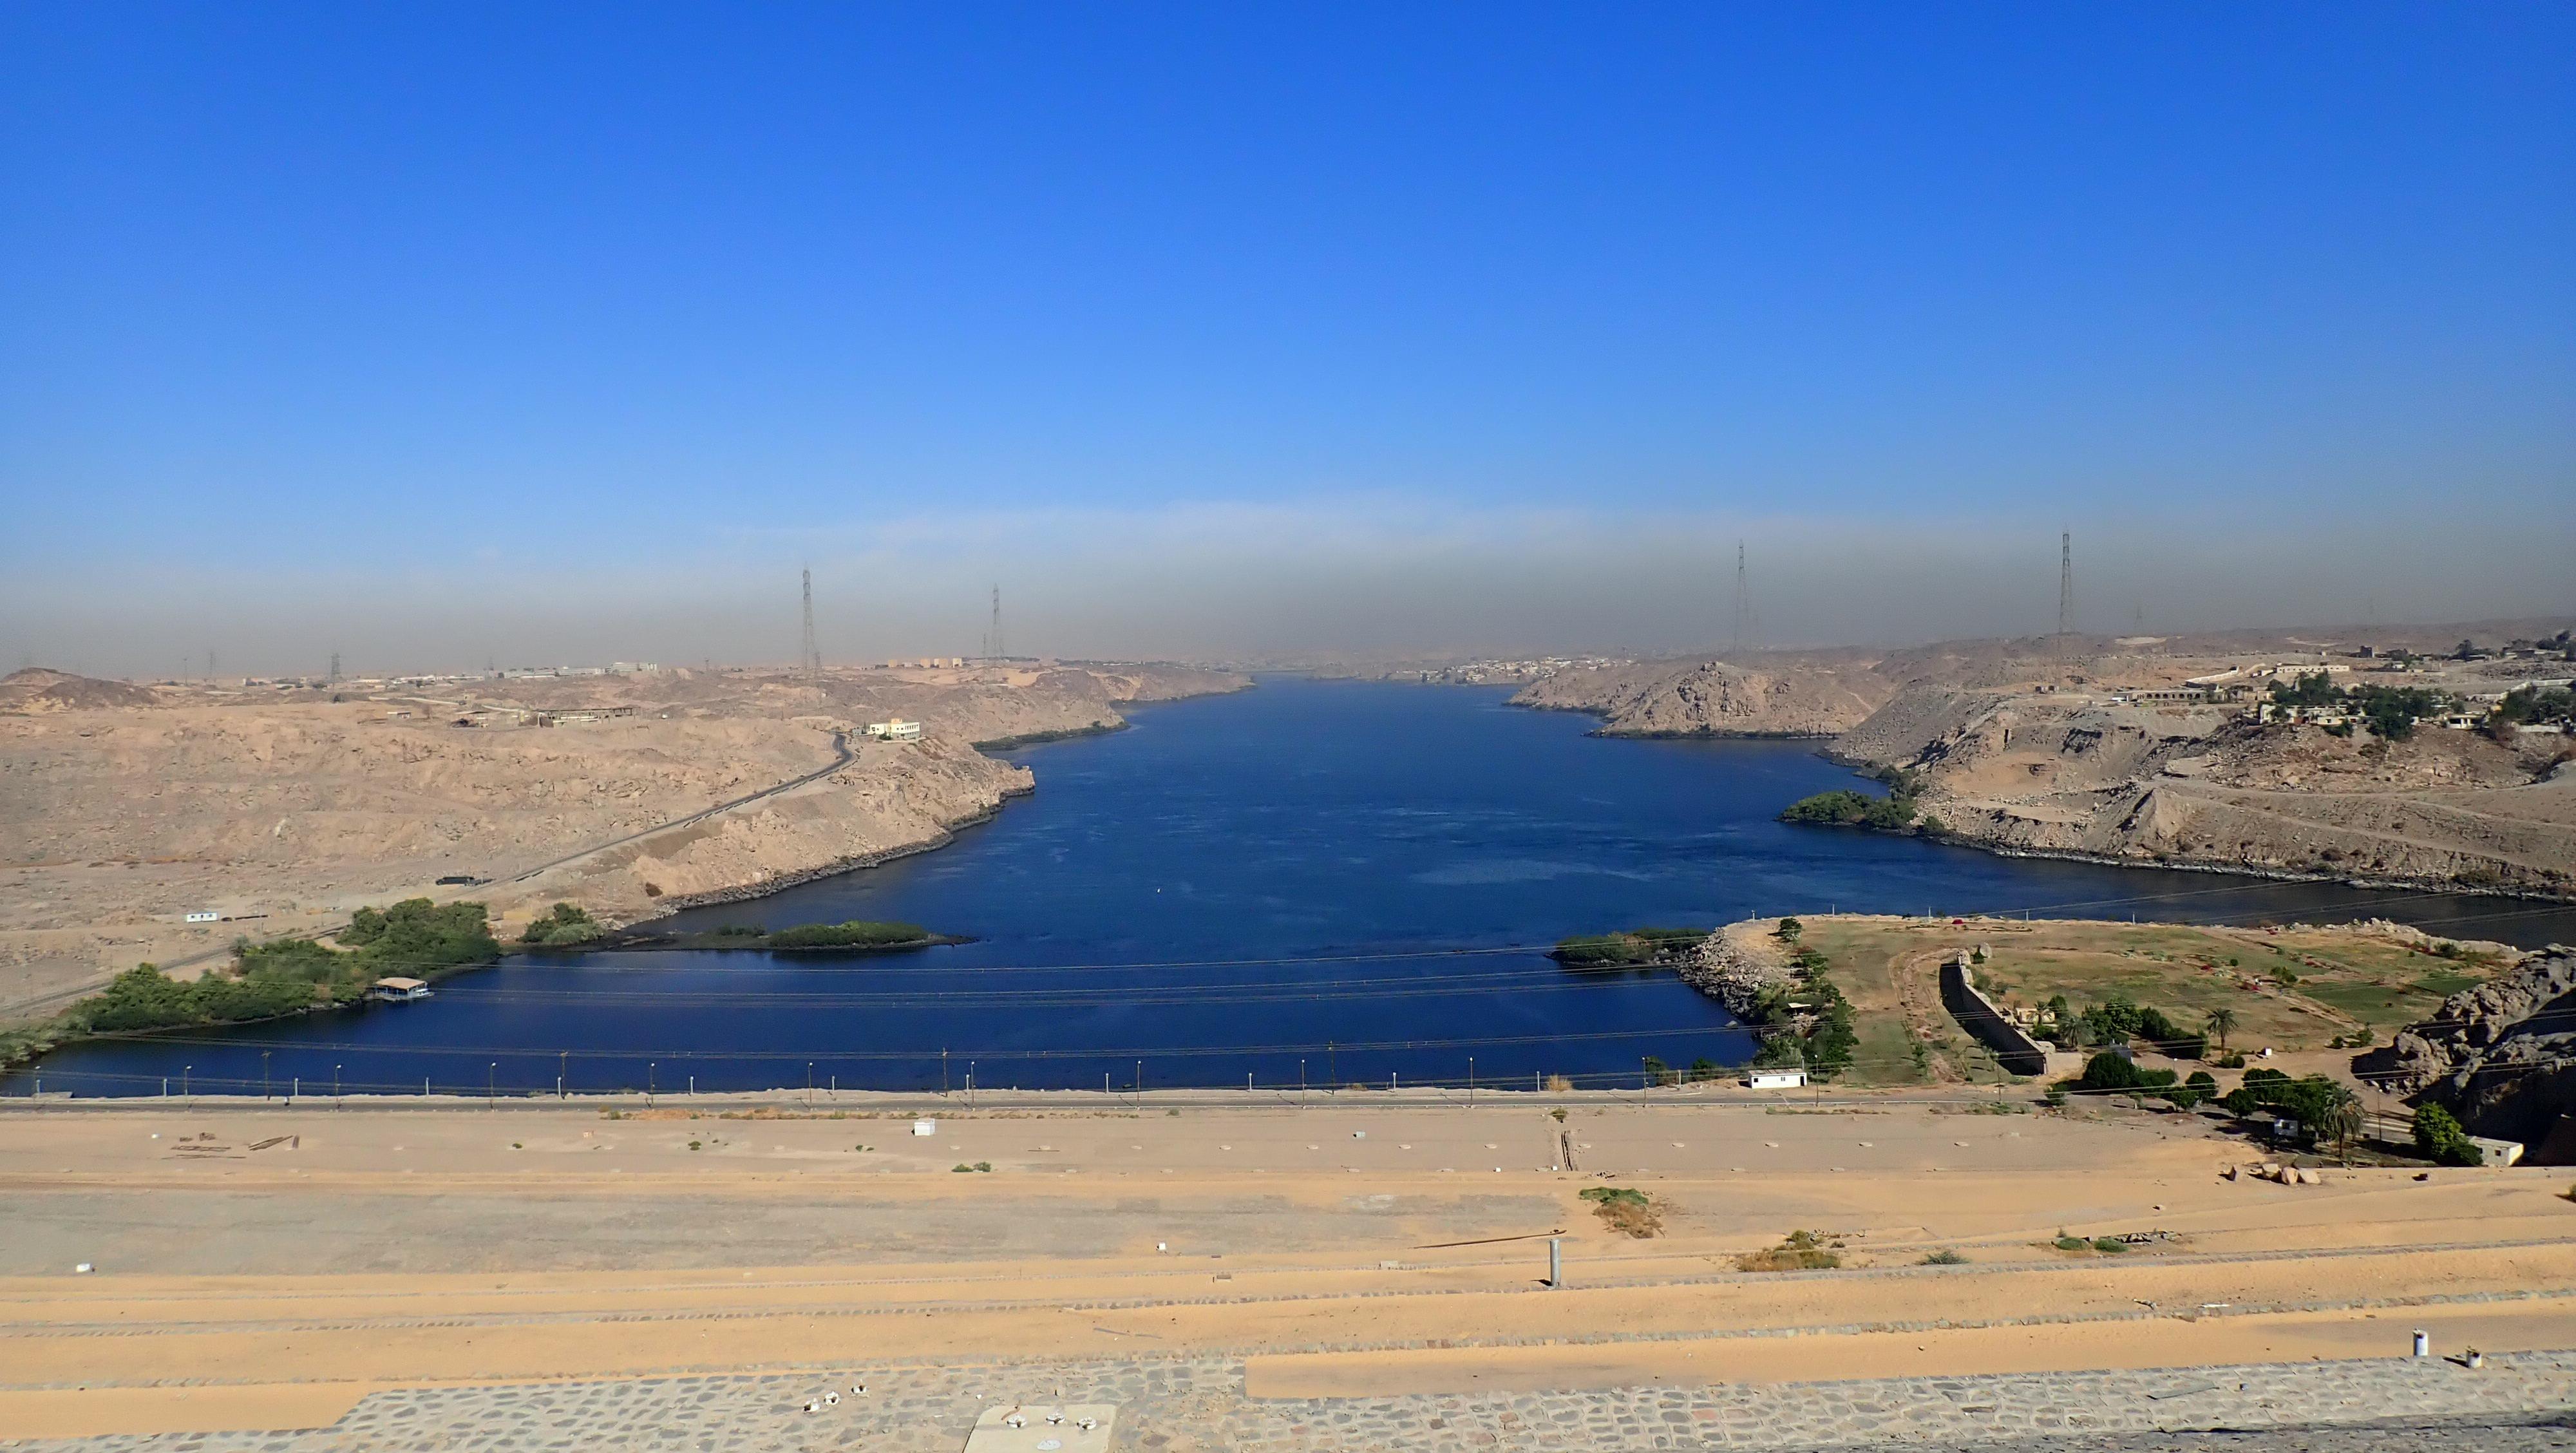 ダム の ナイル 川